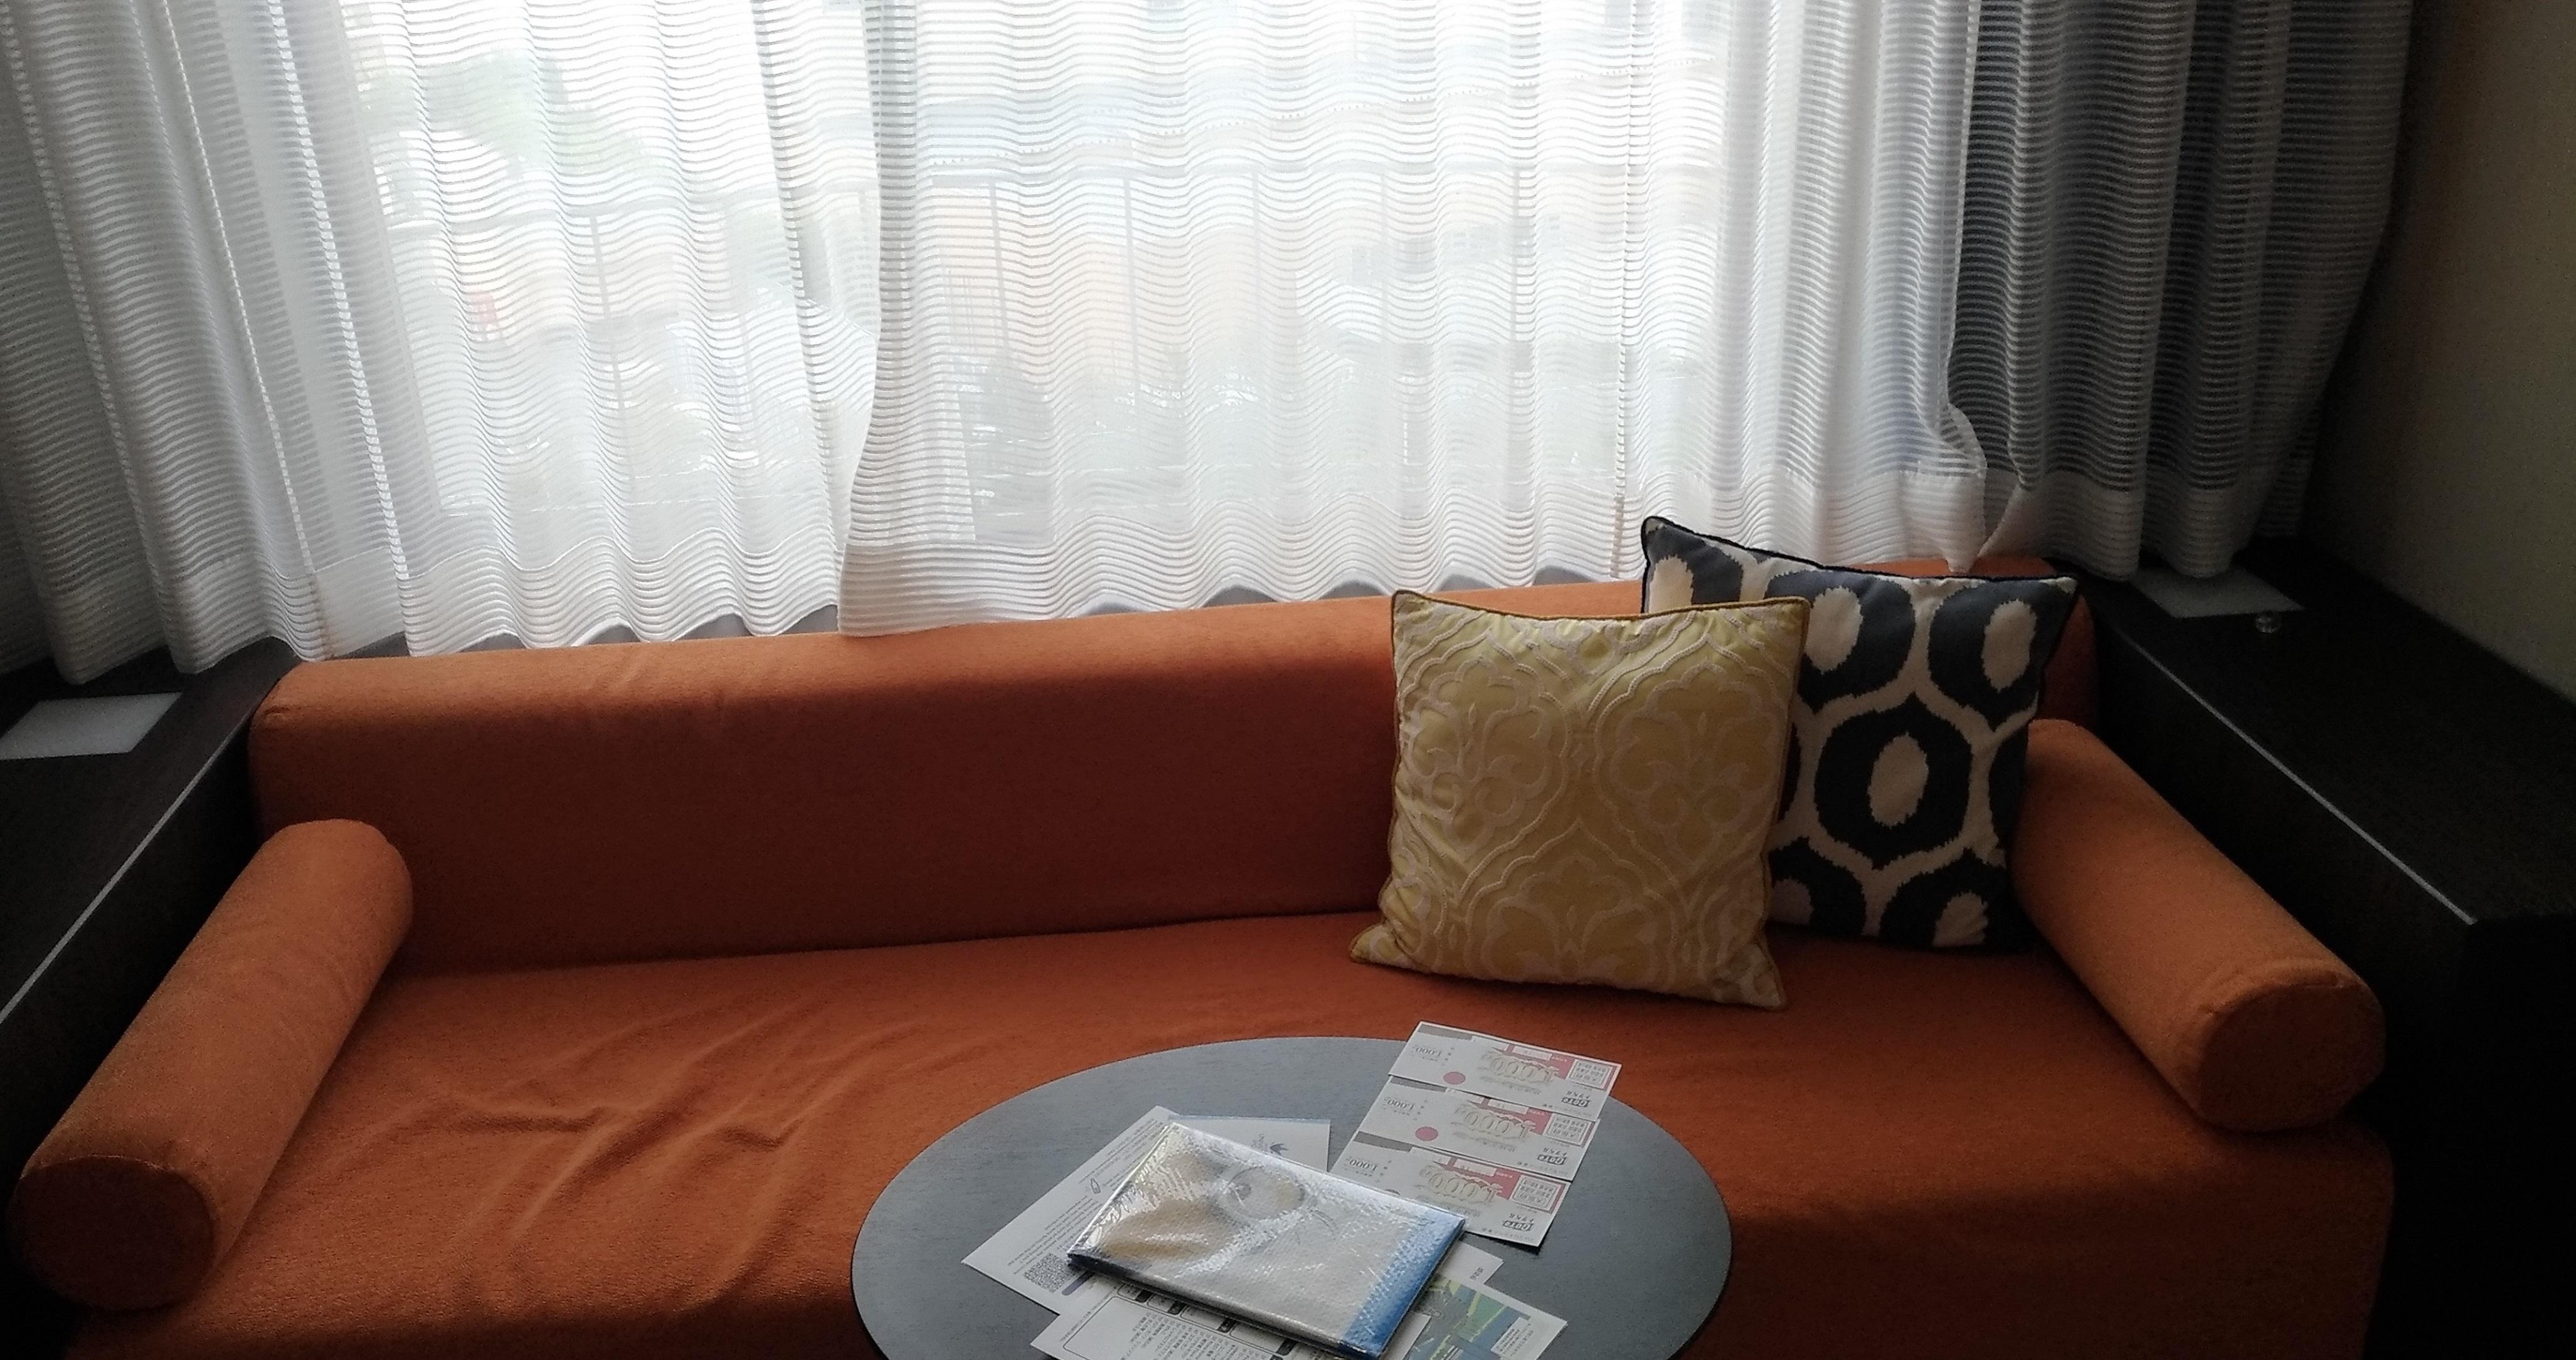 usj_osaka_hotel_universal_ports1016_3.jpg